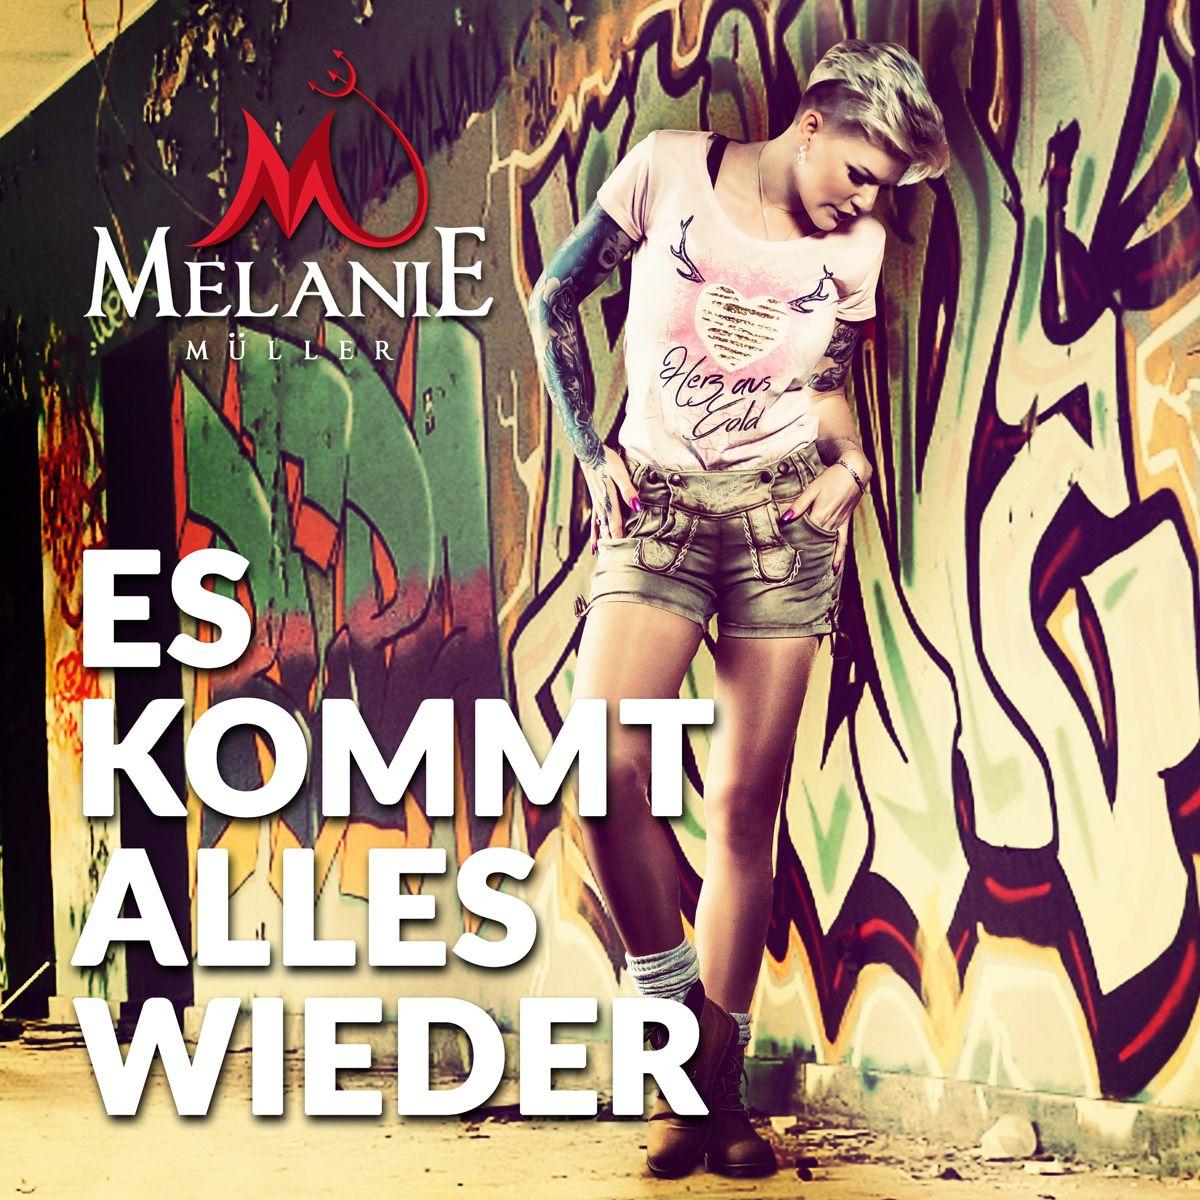 """Melanie Müller mit neuem Song """"Es kommt alles wieder"""""""